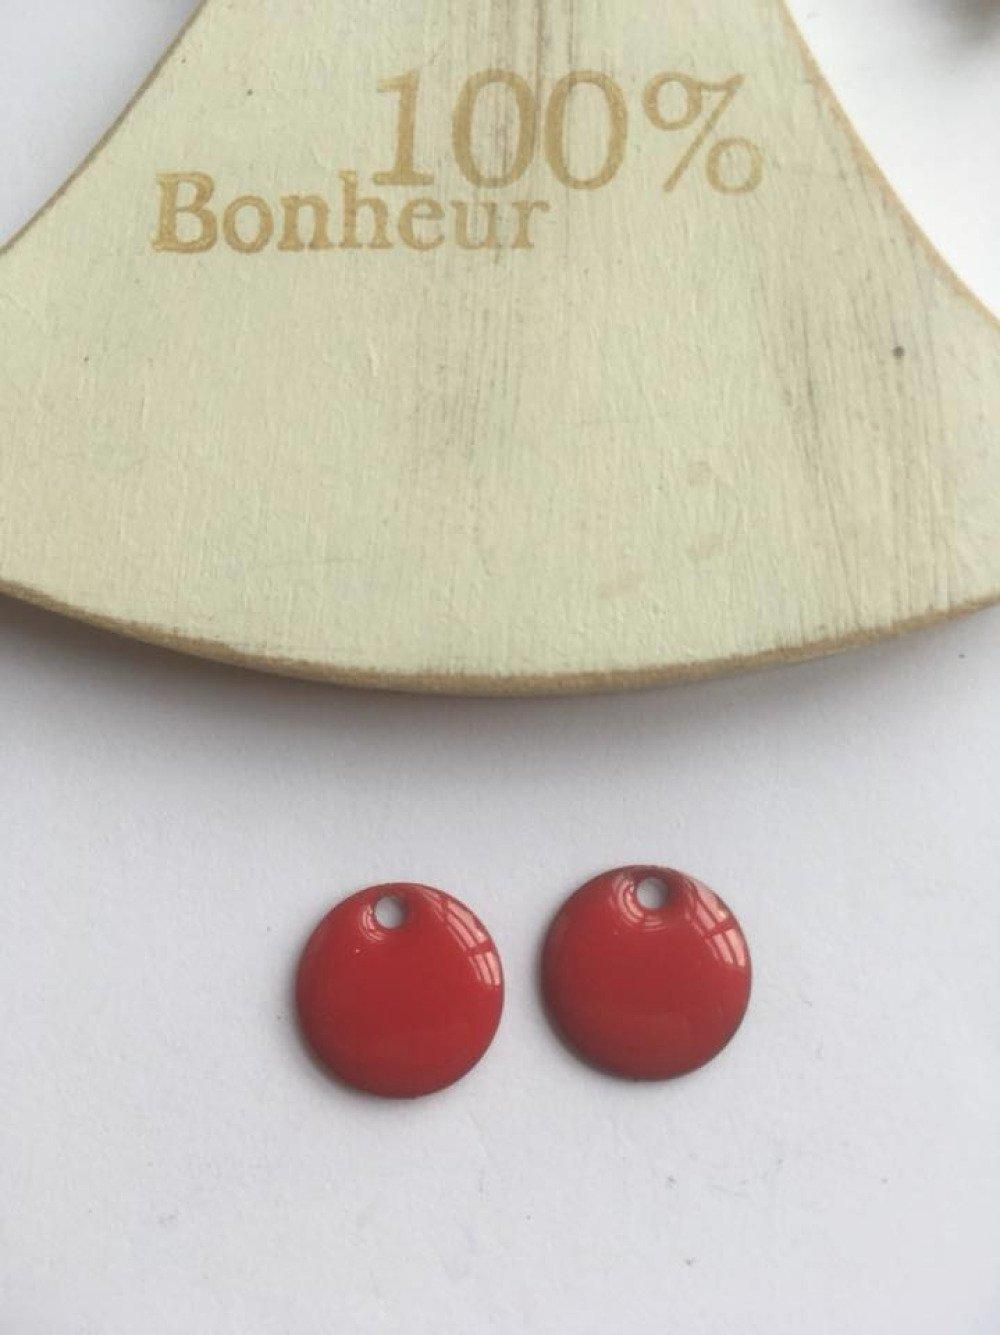 Lot de 2 breloques rondes émail en rouge 13mm